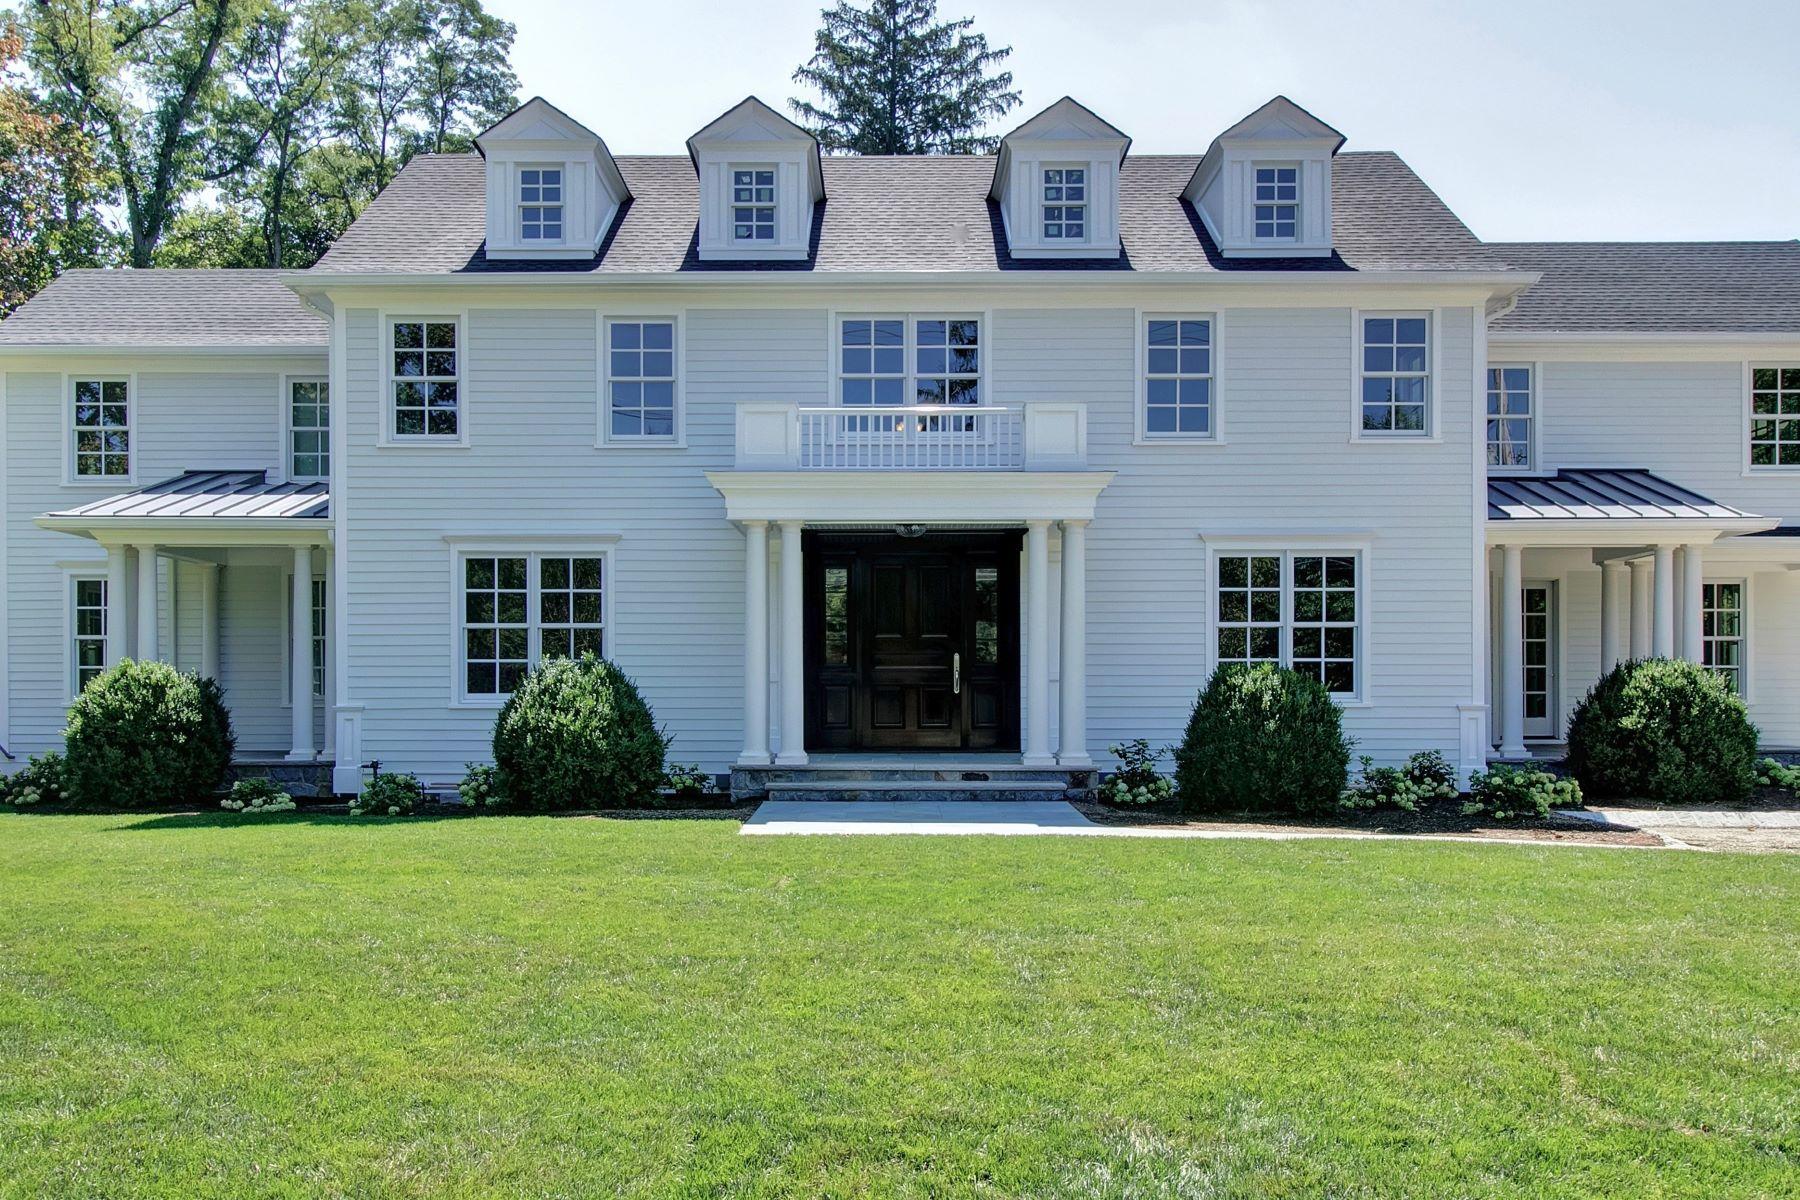 Maison unifamiliale pour l Vente à New Construction - Perfect Colonial 30 Anderson Ave Demarest, New Jersey, 07627 États-Unis